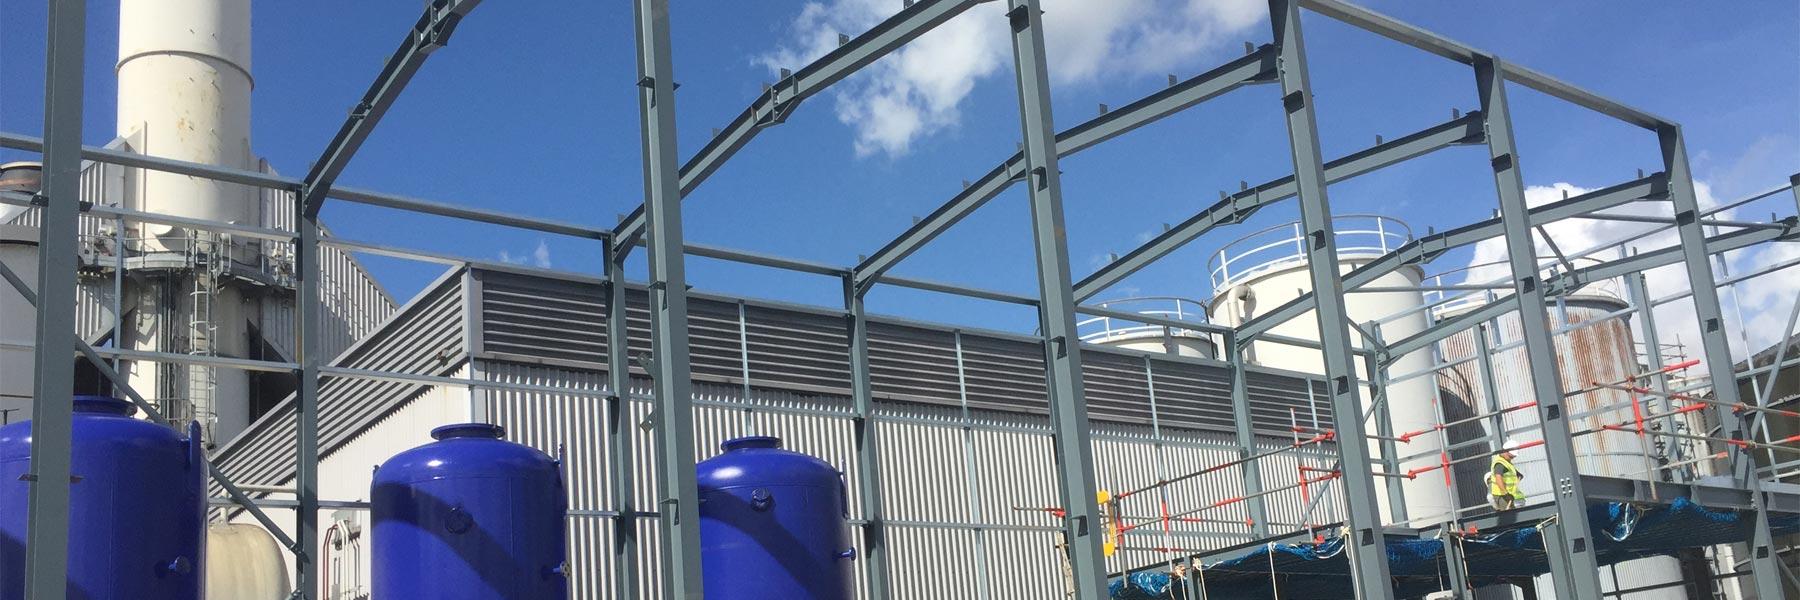 Commercial Steel Buildings - BM Steels